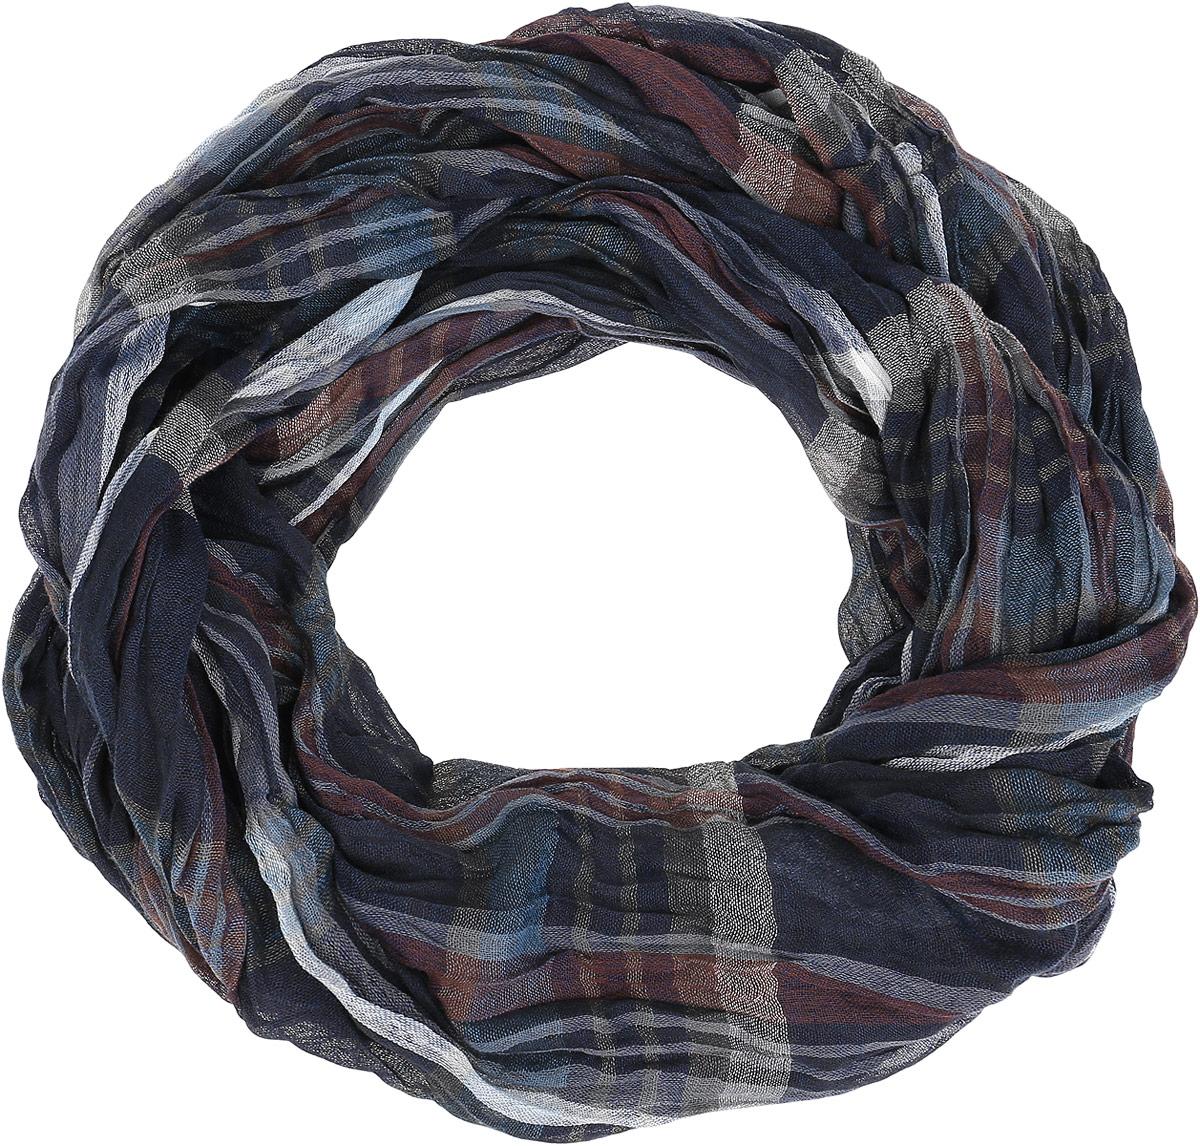 Шарф мужской. A16-21401A16-21401_142Элегантный мужской шарф Finn Flare согреет вас в холодное время года, а также станет изысканным аксессуаром, который призван подчеркнуть ваш стиль и индивидуальность. Оригинальный теплый шарф выполнен из натурального хлопка. Широкий шарф оформлен рисунком в клетку и дополнен тонкой бахромой по краю. Такой шарф станет превосходным дополнением к любому наряду, защитит вас от ветра и холода и позволит вам создать свой неповторимый стиль.